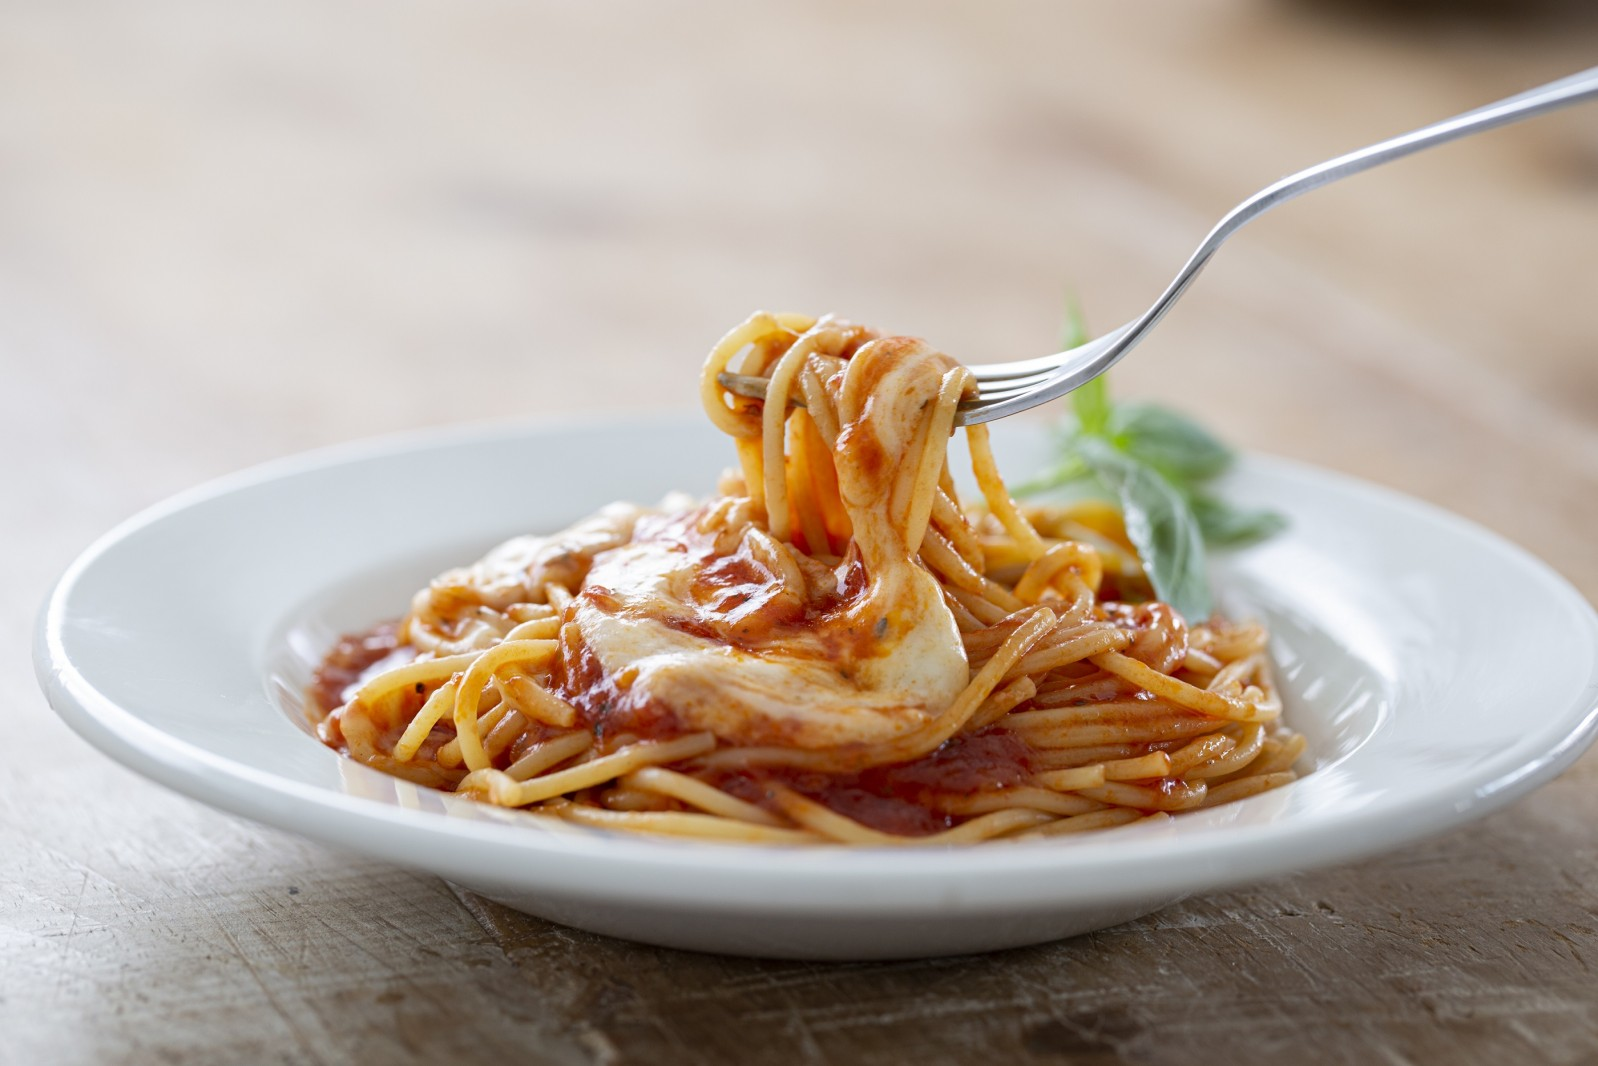 外食気分のパスタ♪ ピエトロの2020年春新商品 モッツァレラ&トマトがGood!!